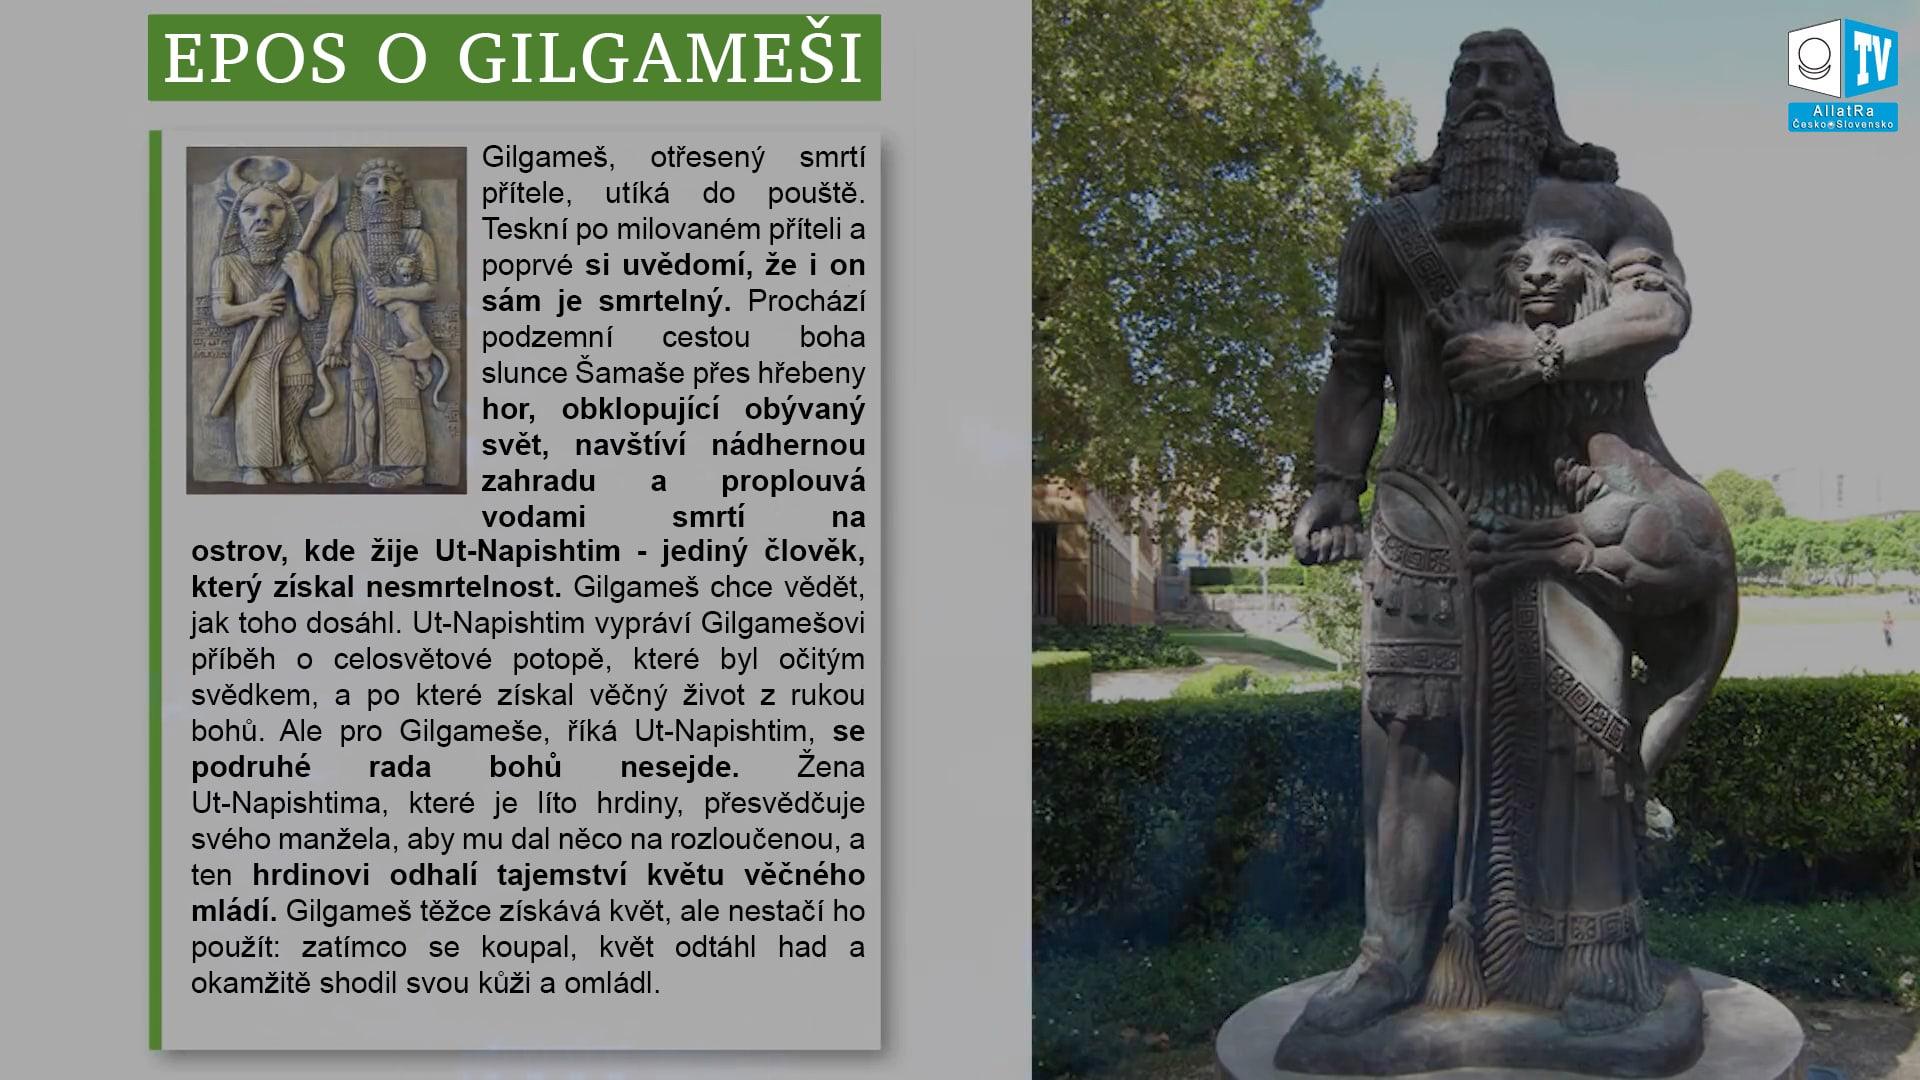 Památník Gilgameše. Foto